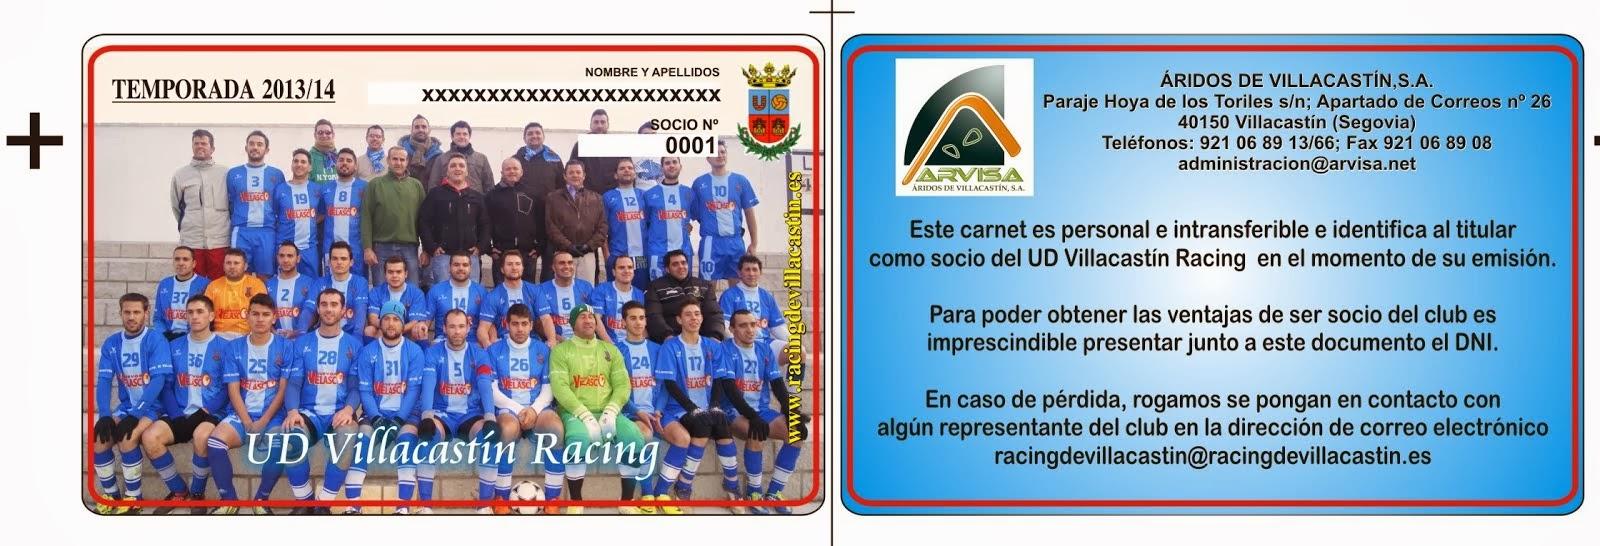 ¡¡¡HAZTE SOCIO DEL UD VILLACASTIN RACING !!!!